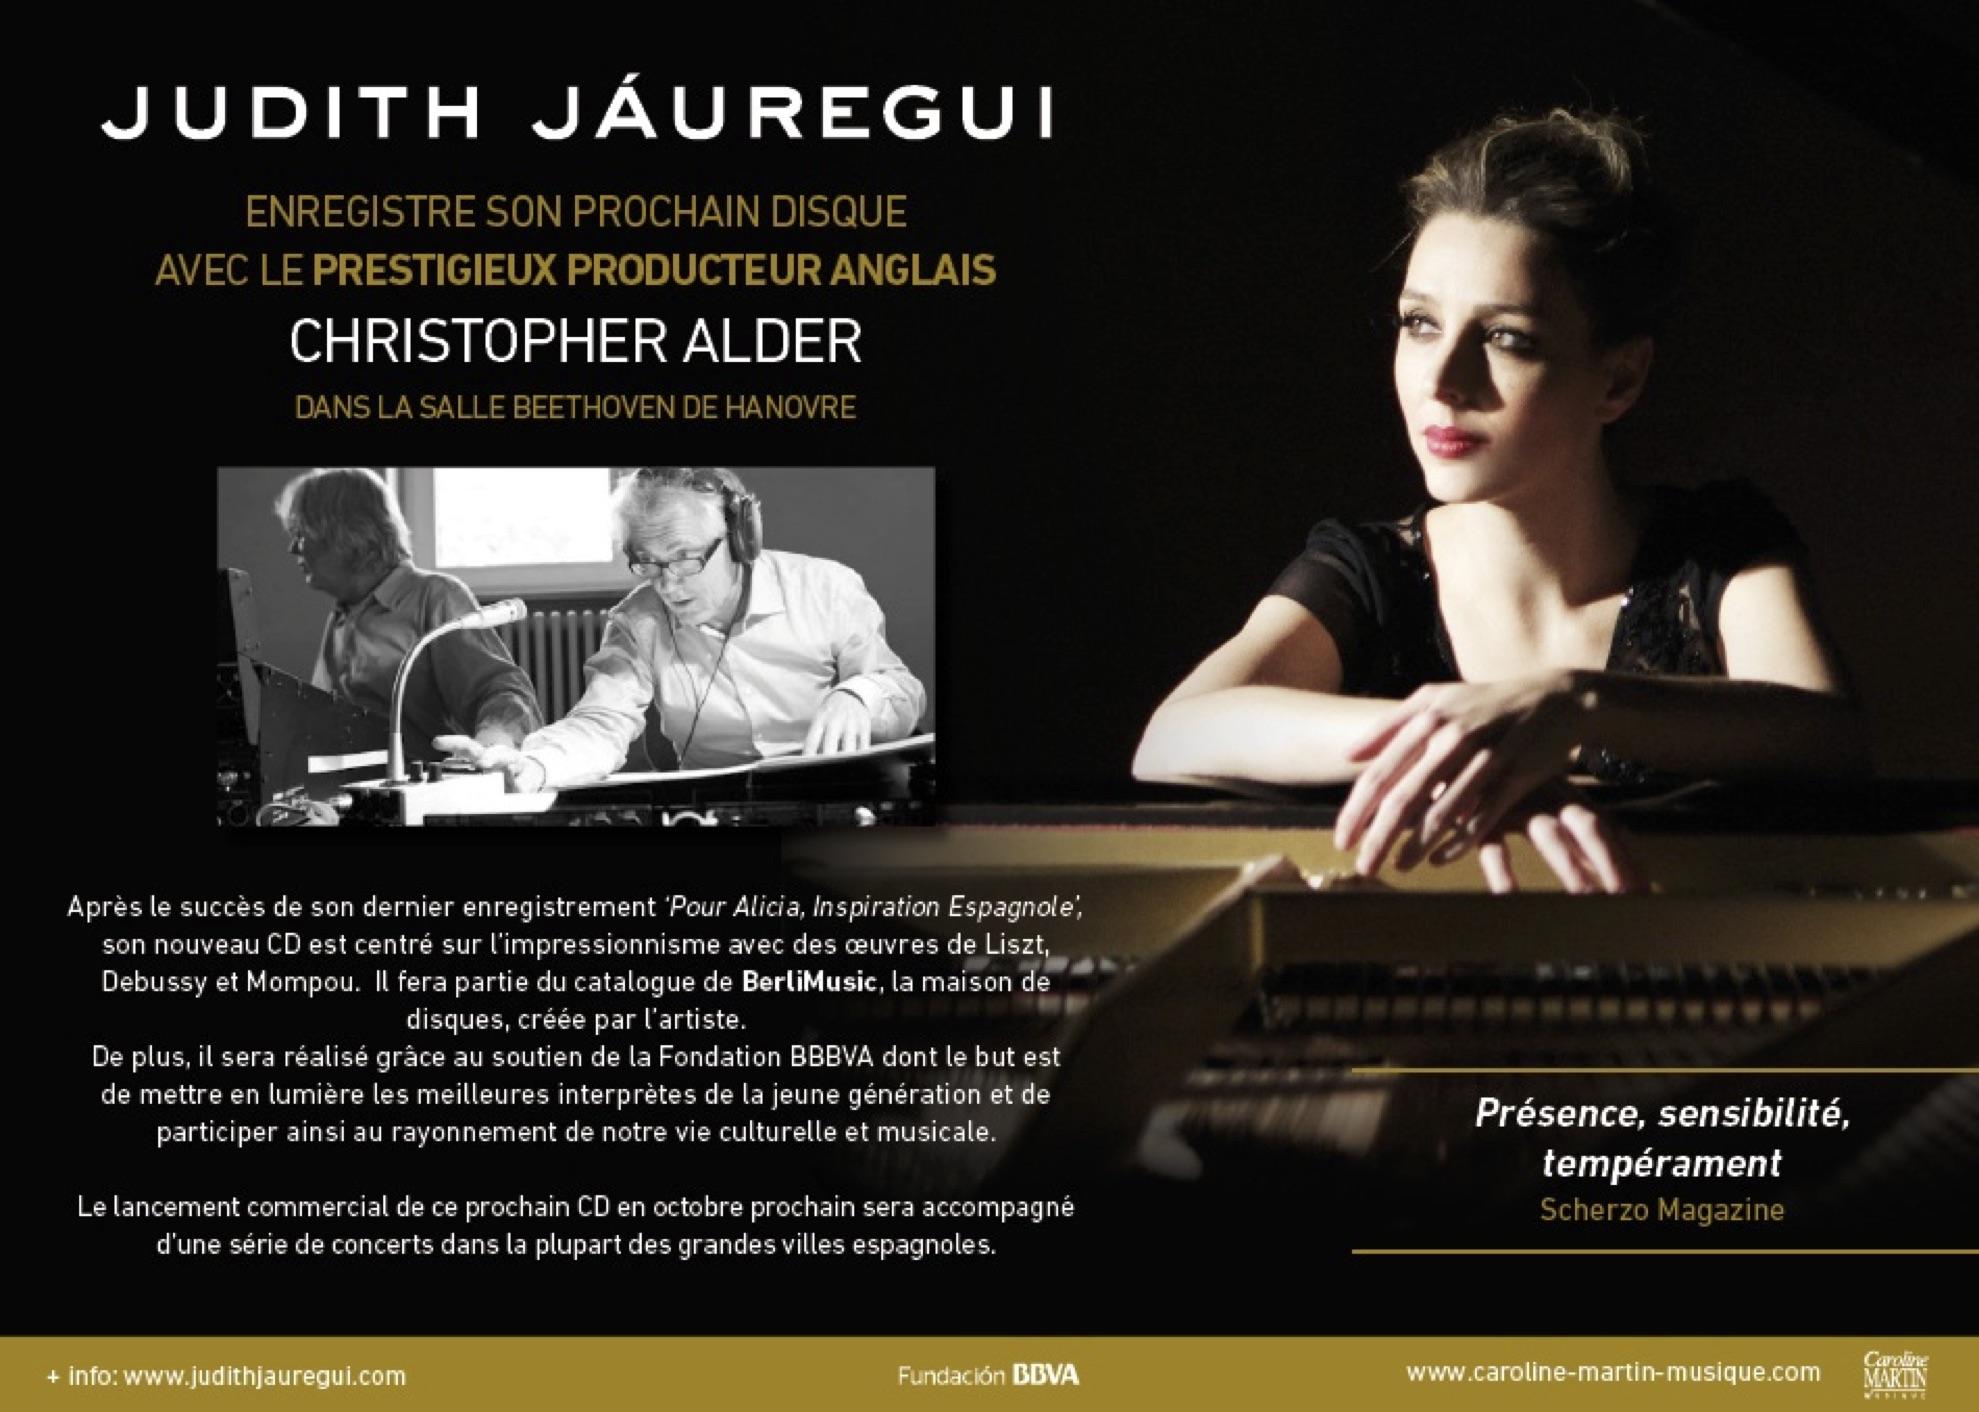 Judith Jáuregui enregistre son prochain disque